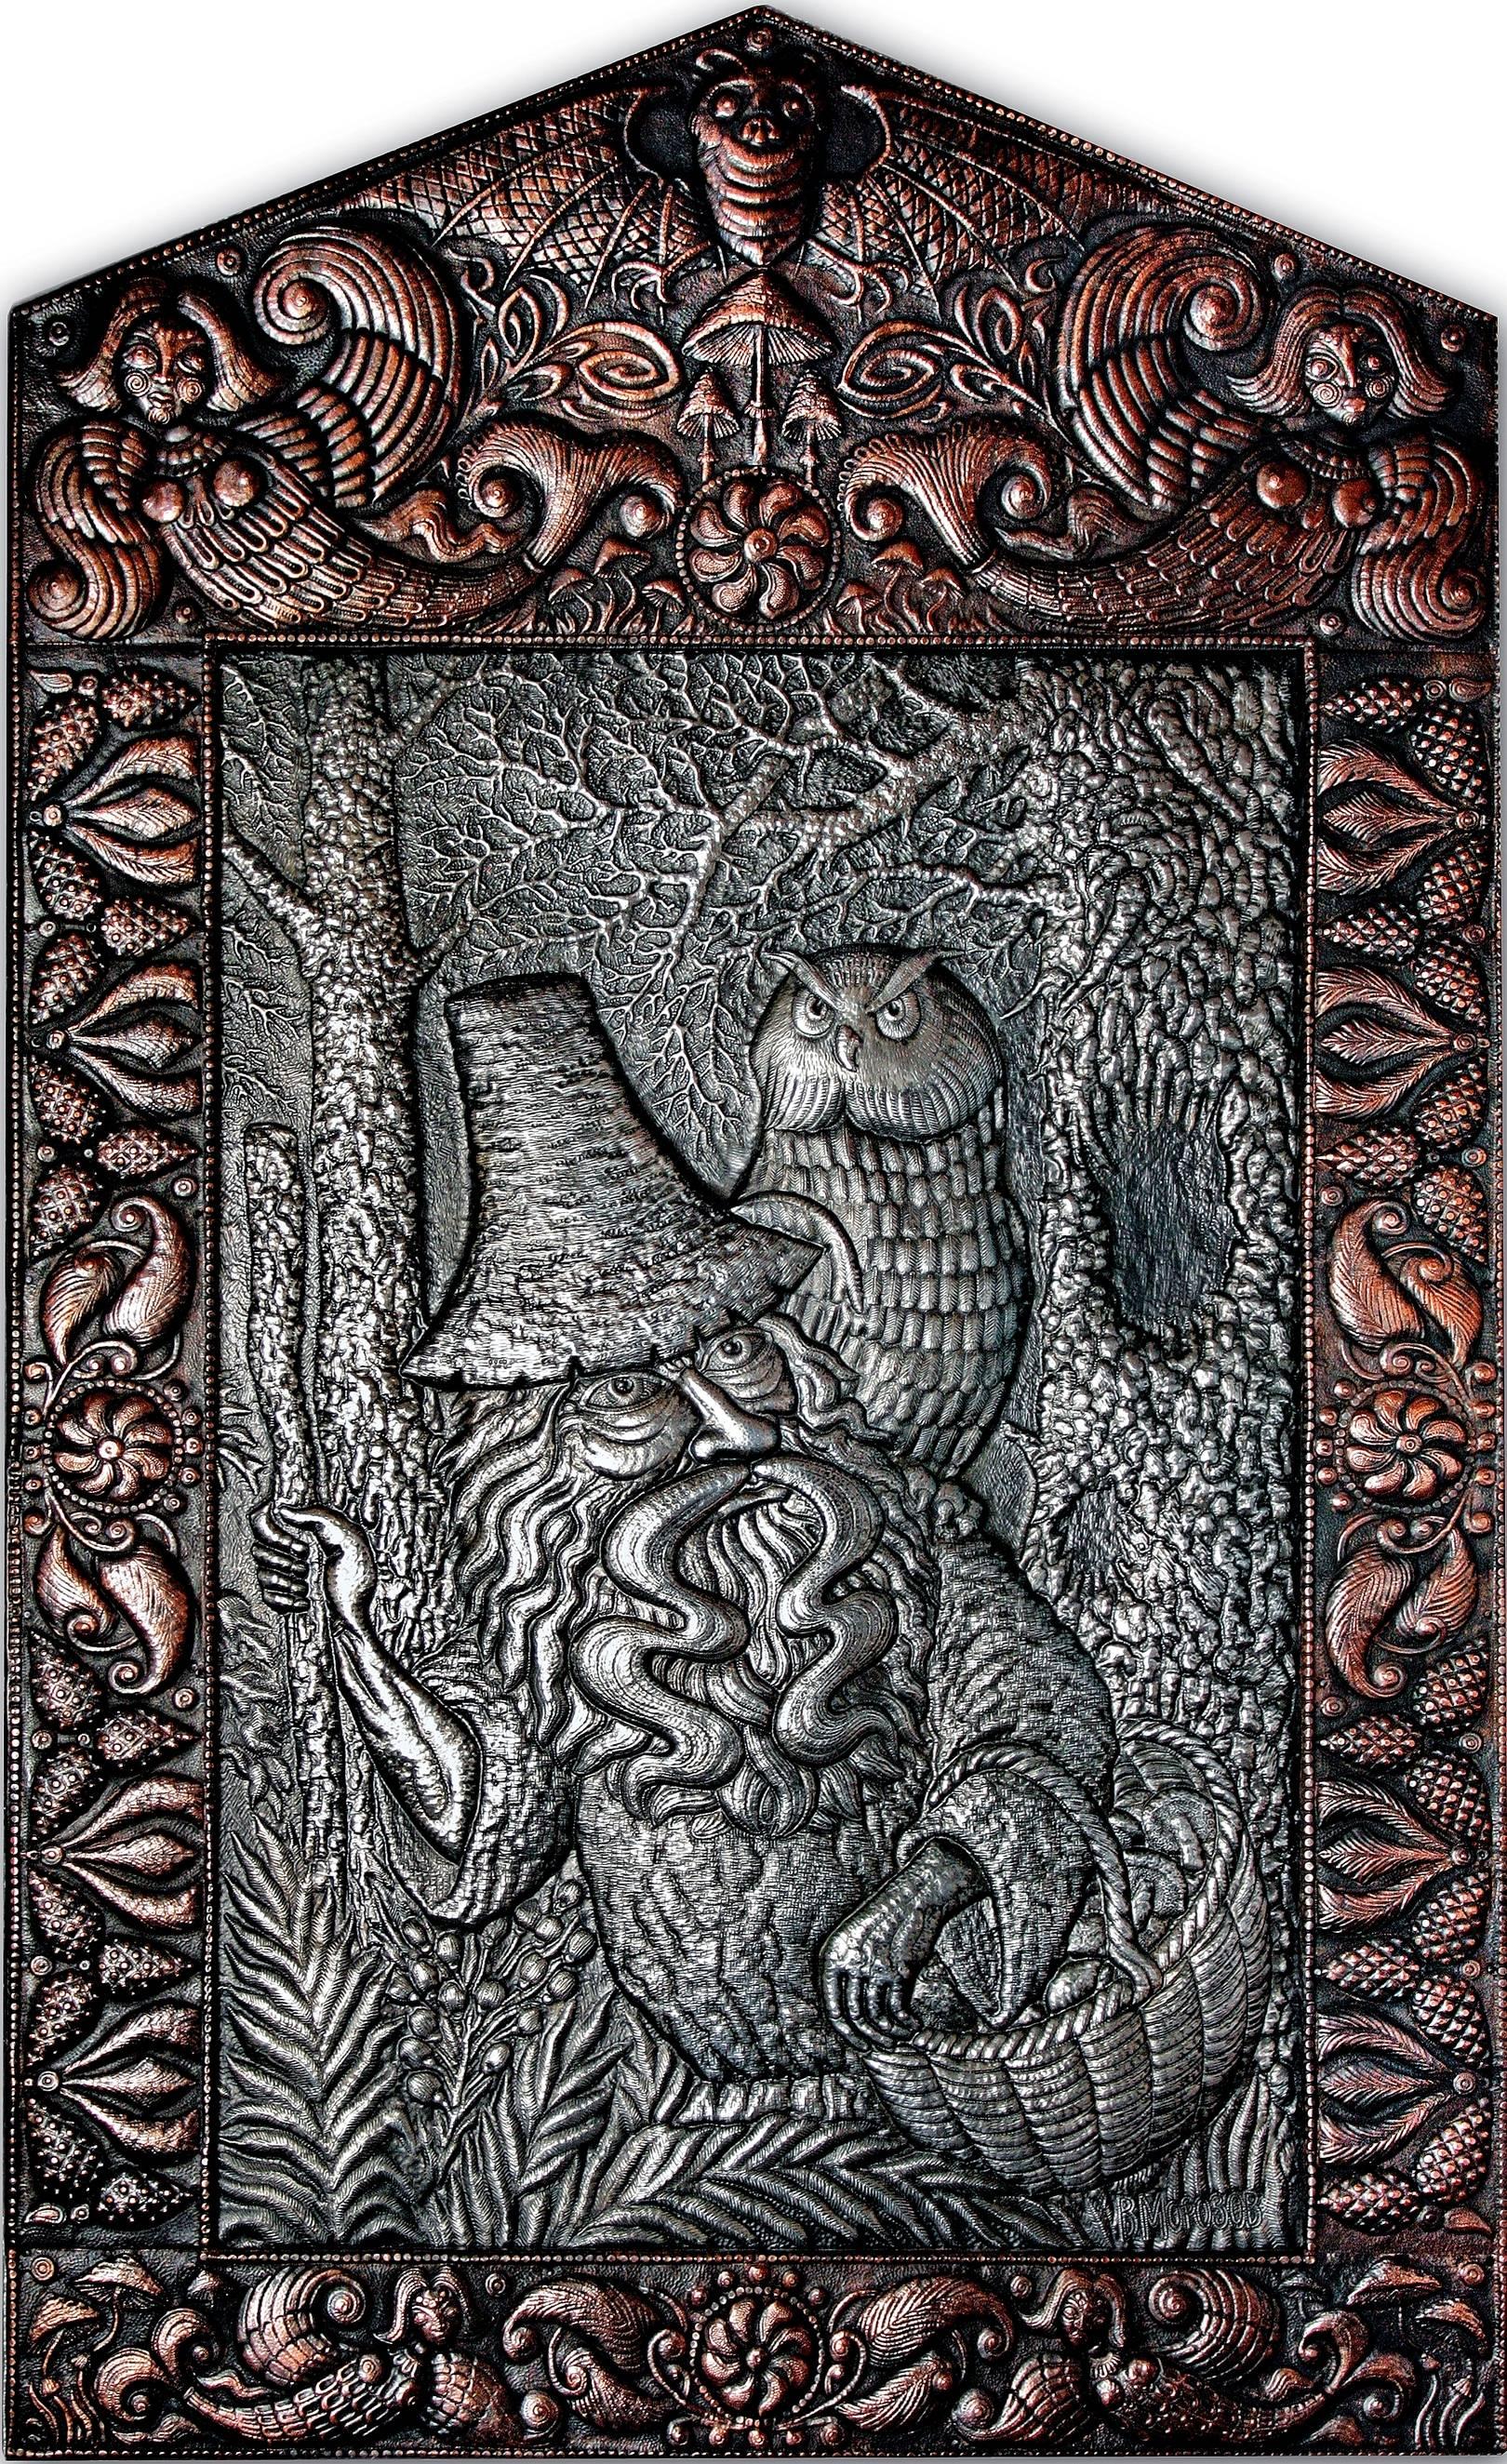 Старичок-Лесовичок (панно) 2007 г. Алюминий, медь; чернение 103 х63 см